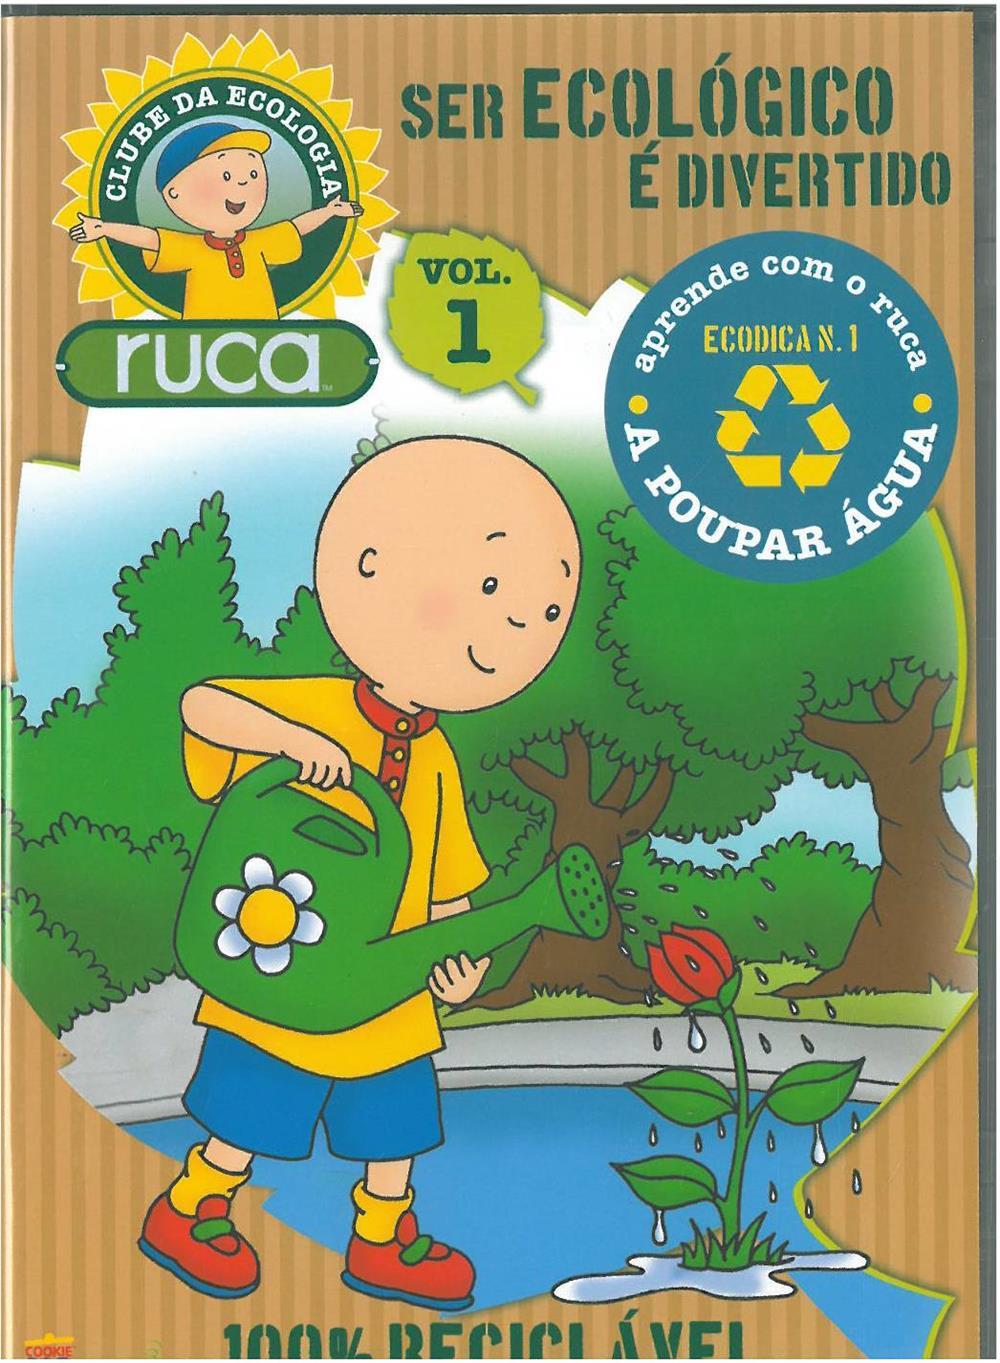 Ruca_ser ecológico é divertido_DVD.jpg